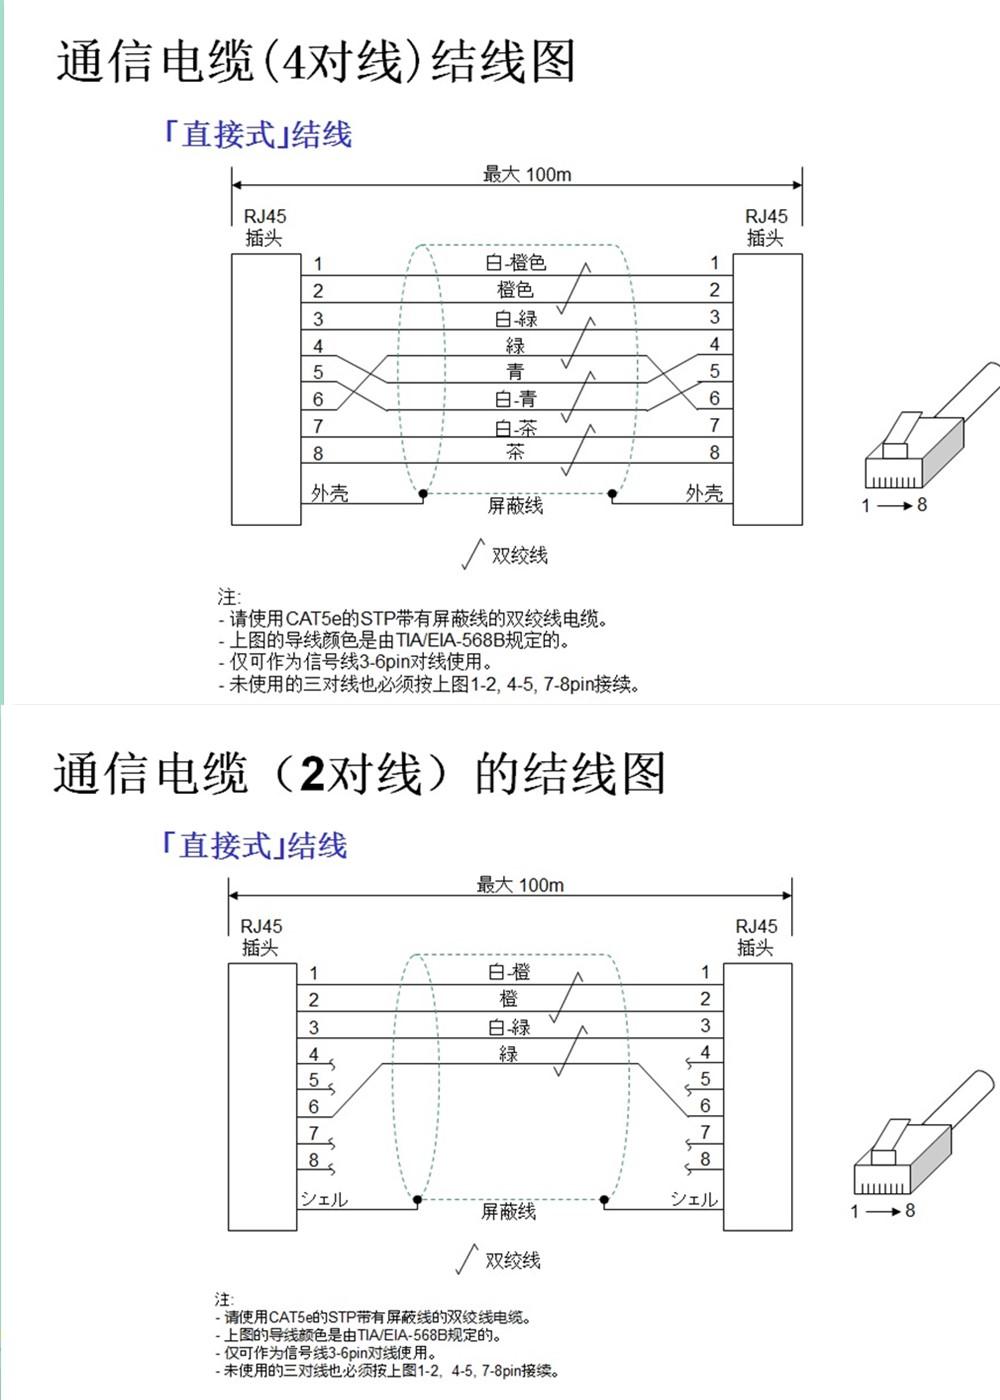 上海会通松下伺服a5n系列 rtex网络型驱动器-cd74